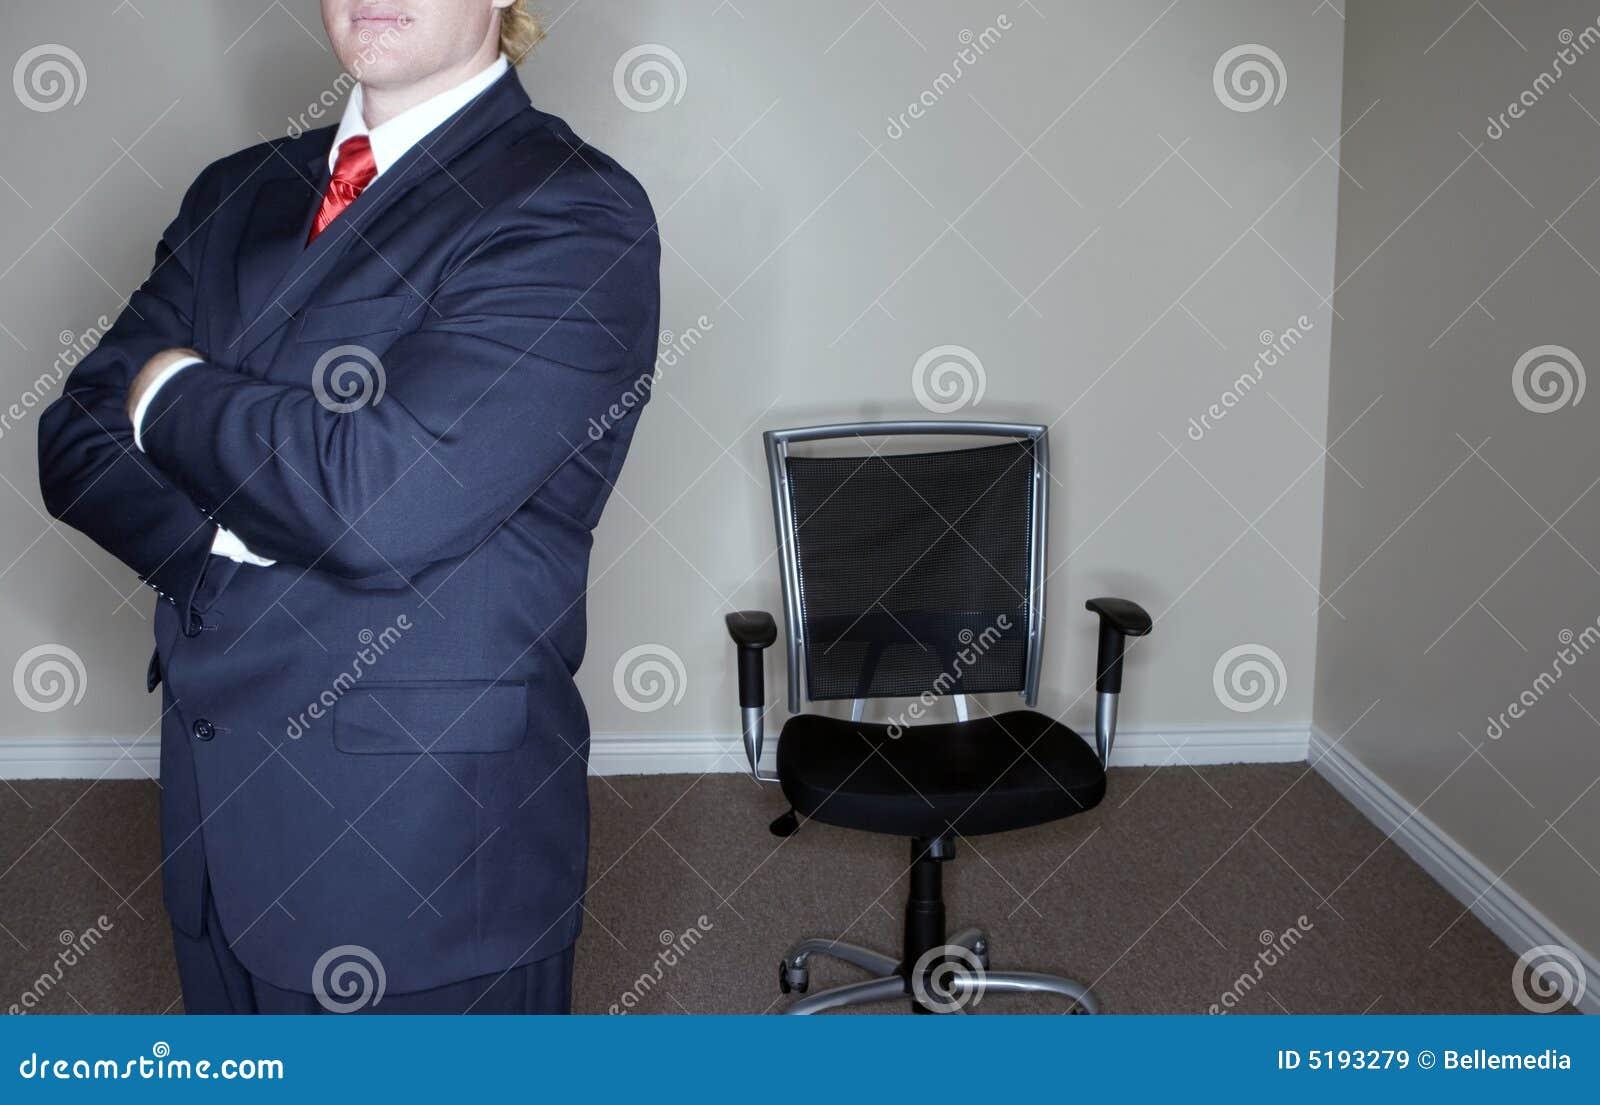 Biznesmen puste krzesło